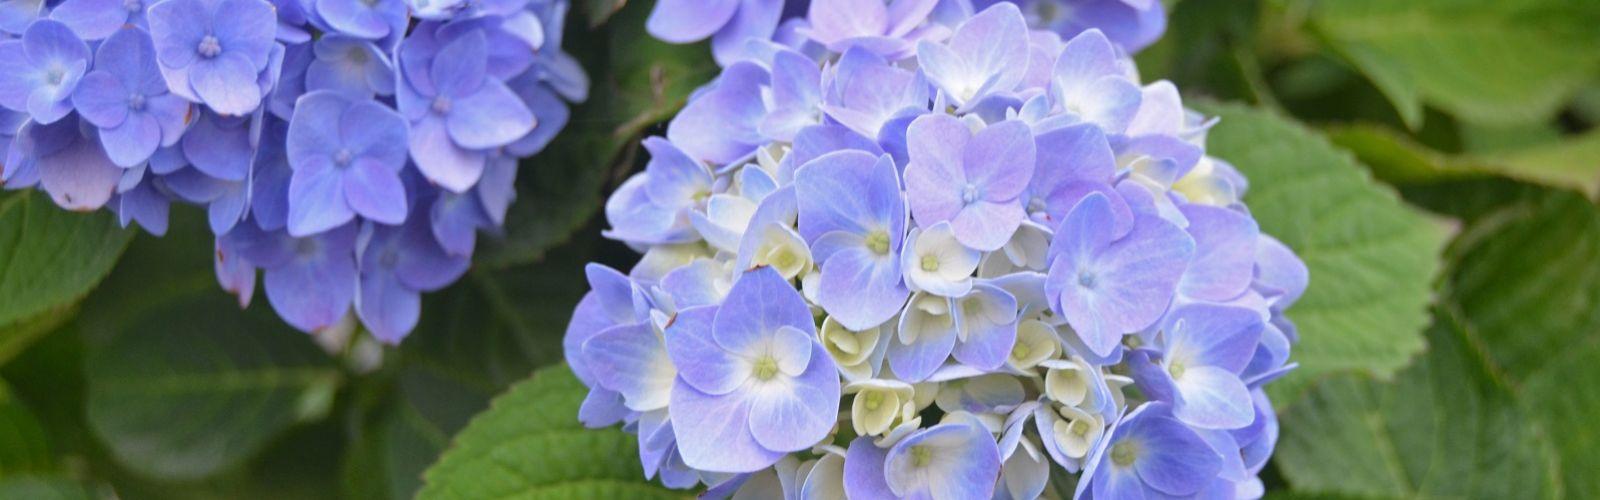 Blue hydrangea Nantucket blue